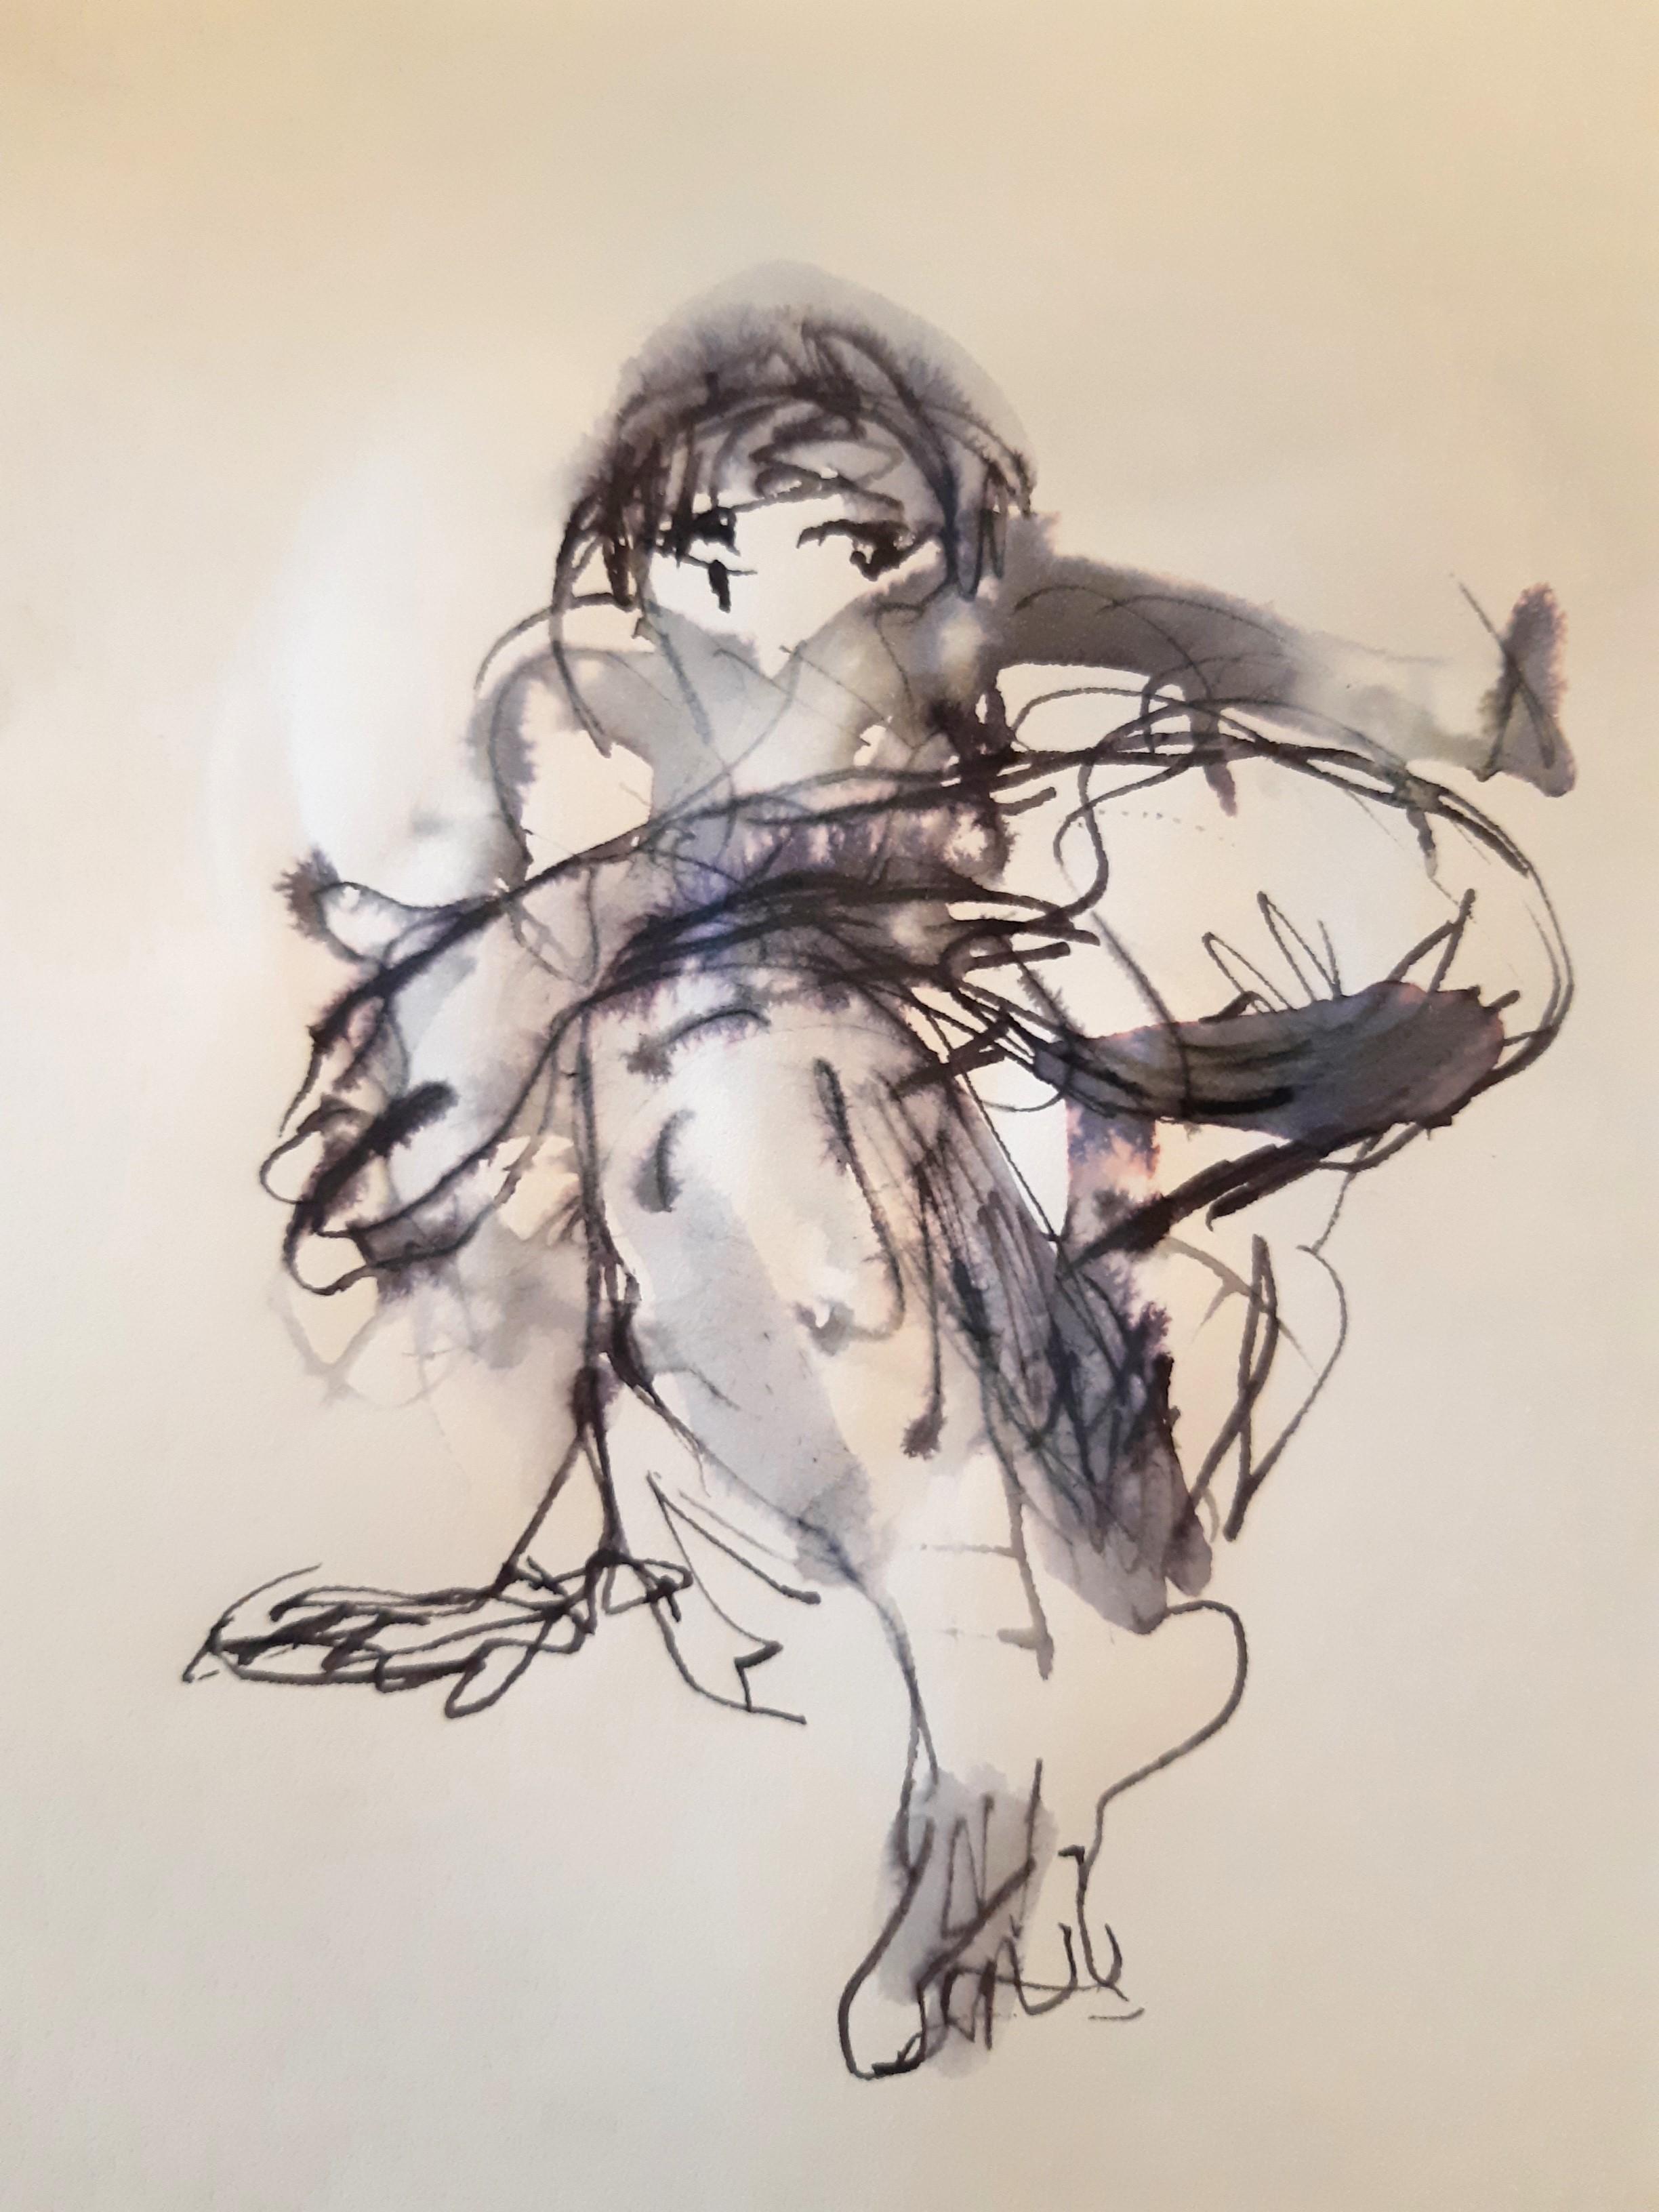 Technique mixte plume encre peinture blanche sur papier dessin  cours de dessin